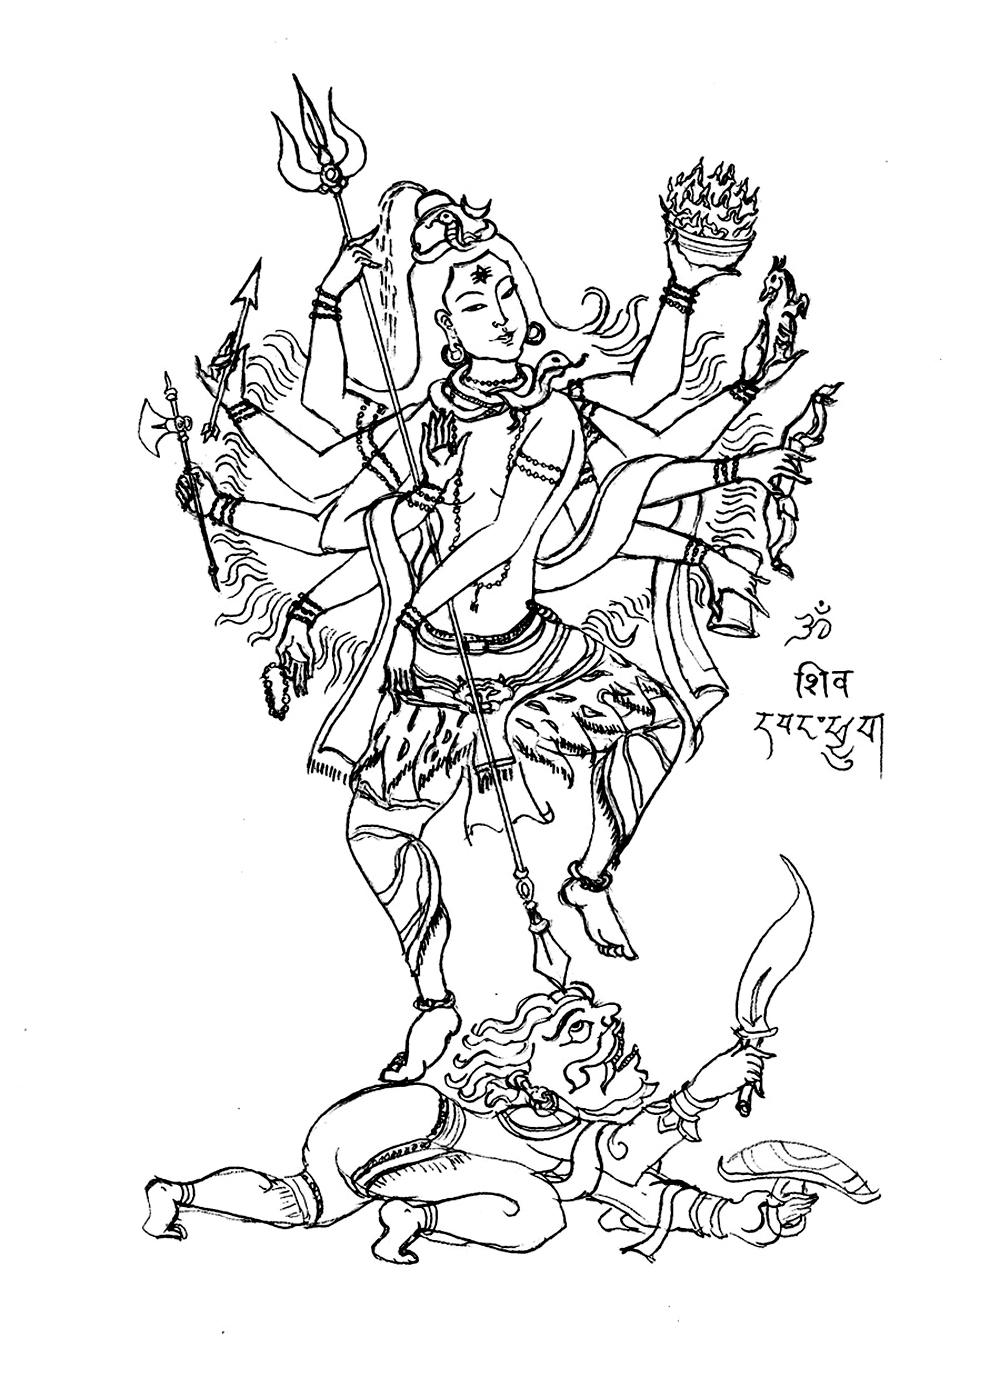 Le Dieu Shiva, représenté avec 8 bras et un trident, qui concentre les pouvoirs de la trimûrti : création, perpétuation et destruction de l'univers